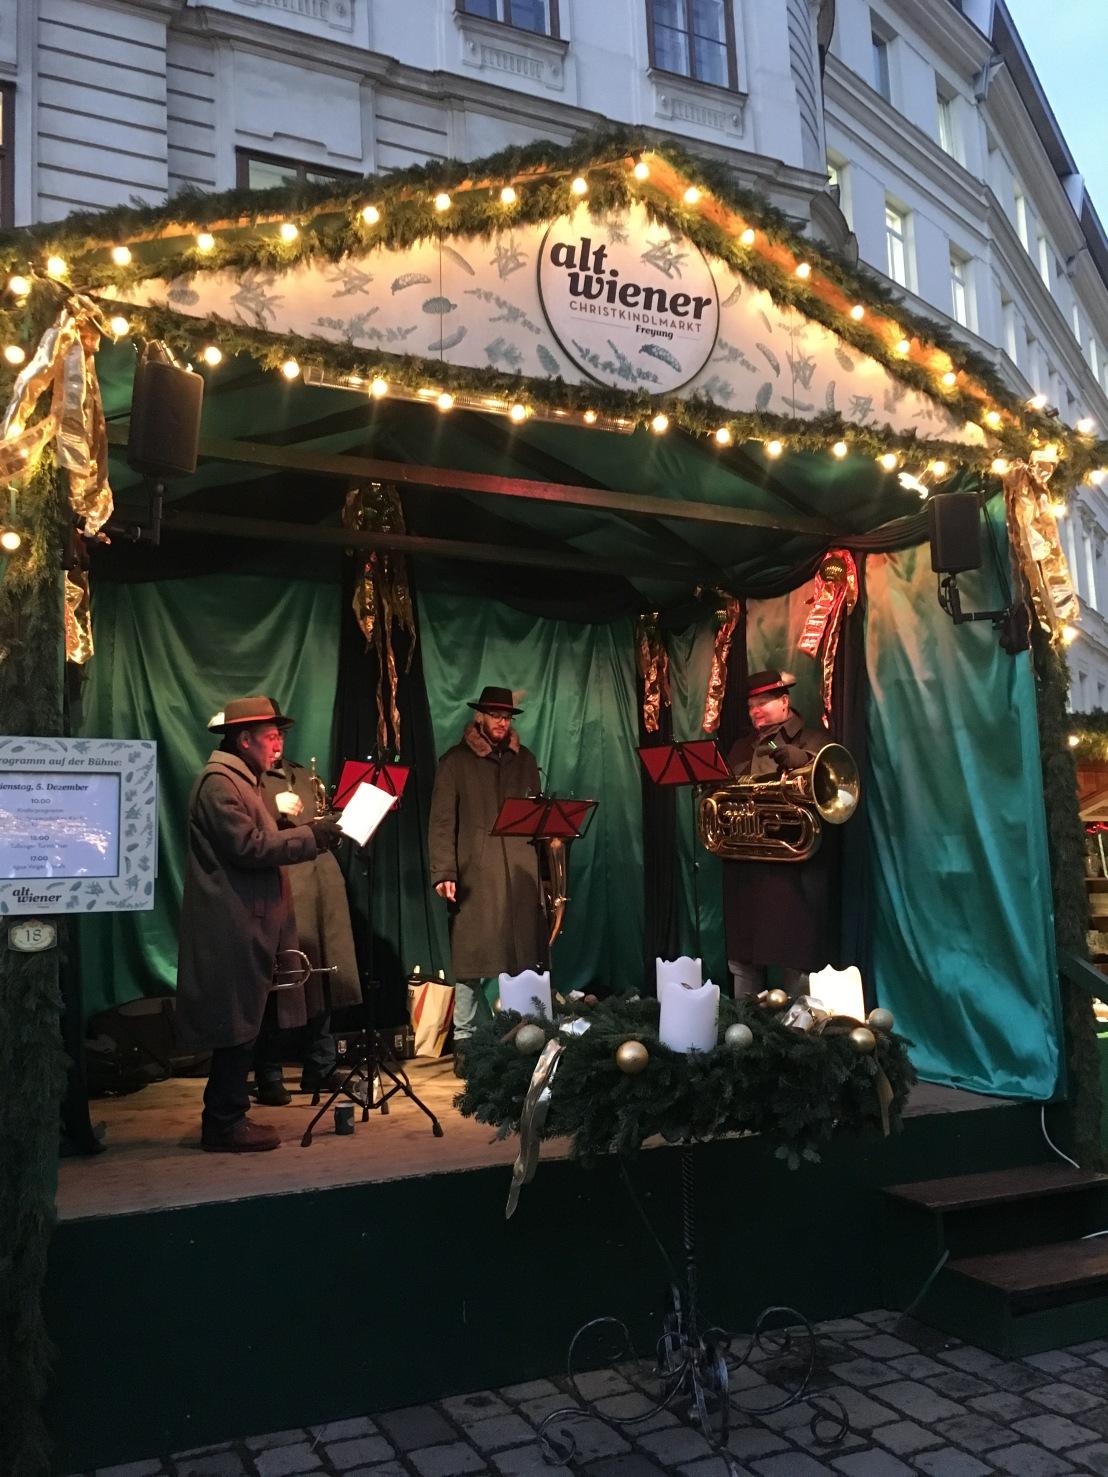 Alt Weiner:Freyung Christmas Market 2